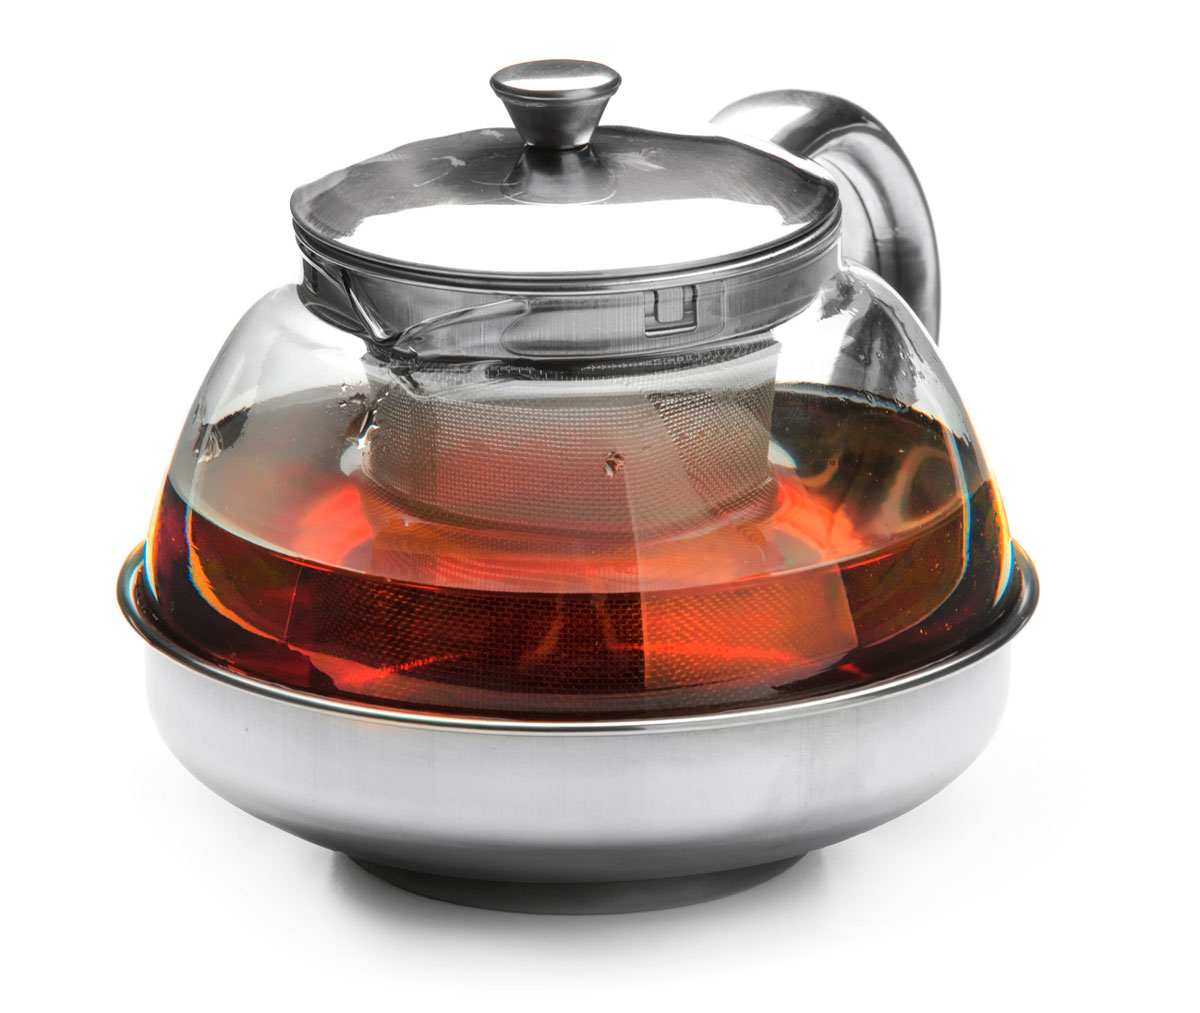 Чайник заварочный Mayer & Boch, с ситом, 600 мл. 2620326203Заварочный чайник Mayer & Boch изготовлен из термостойкого боросиликатного стекла, крышка, ручка, часть корпуса и фильтр выполнены из нержавеющей стали. Изделия из стекла не впитывают запахи, благодаря чему вы всегда получите натуральный, насыщенный вкус и аромат напитков. Заварочный чайник из стекла удобно использовать для повседневного заваривания чая практически любого сорта. Но цветочные, фруктовые, красные и желтые сорта чая лучше других раскрывают свой вкус и аромат при заваривании именно в стеклянных чайниках, а также сохраняют все полезные ферменты и витамины, содержащиеся в чайных листах. Стальной фильтр гарантирует прозрачность и чистоту напитка от чайных листьев, при этом сохранив букет и насыщенность чая.Прозрачные стенки чайника дают возможность насладиться насыщенным цветом заваренного чая.Изящный заварочный чайник Mayer & Boch будет прекрасно смотреться в любом интерьере.Подходит для мытья в посудомоечной машине.